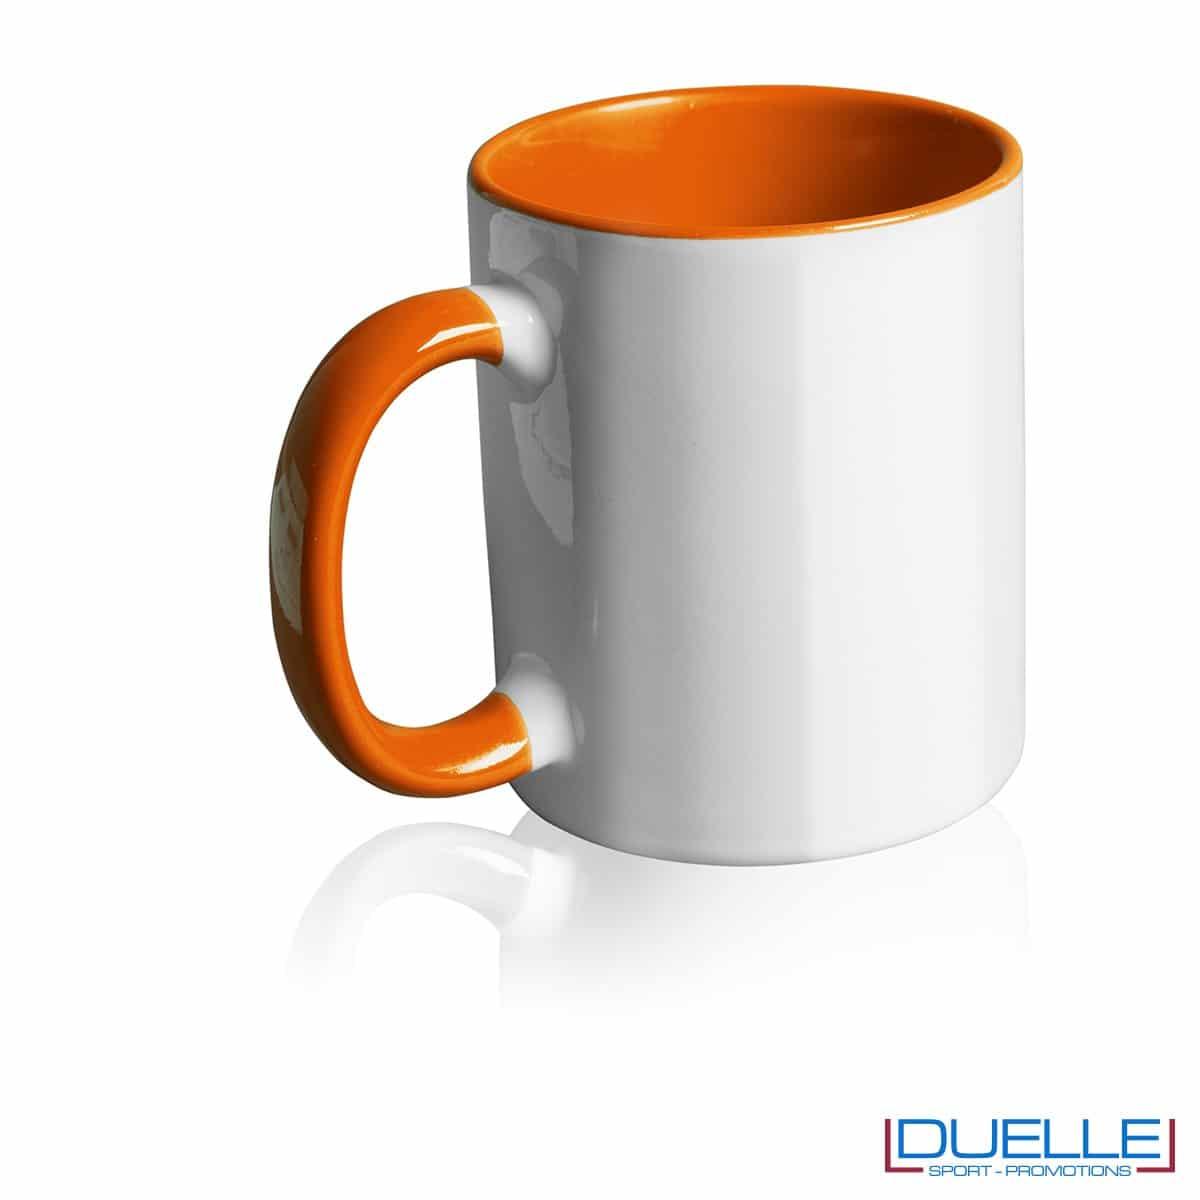 Tazza personalizzata promozionale in ceramica con interni arancione